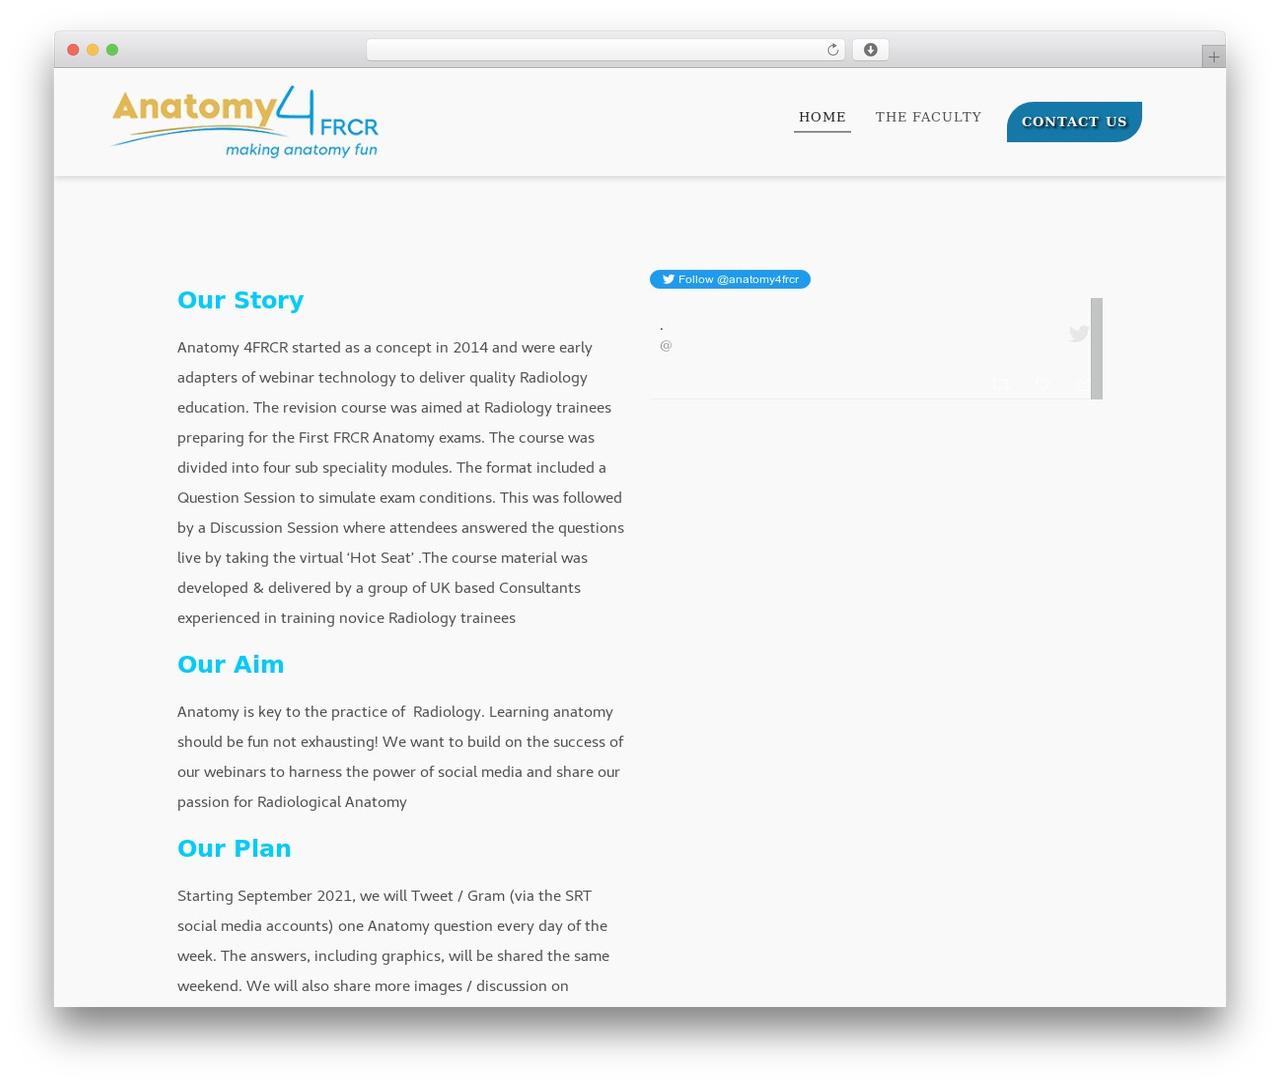 Flexia best free WordPress theme by Codetic - anatomy4frcr.com